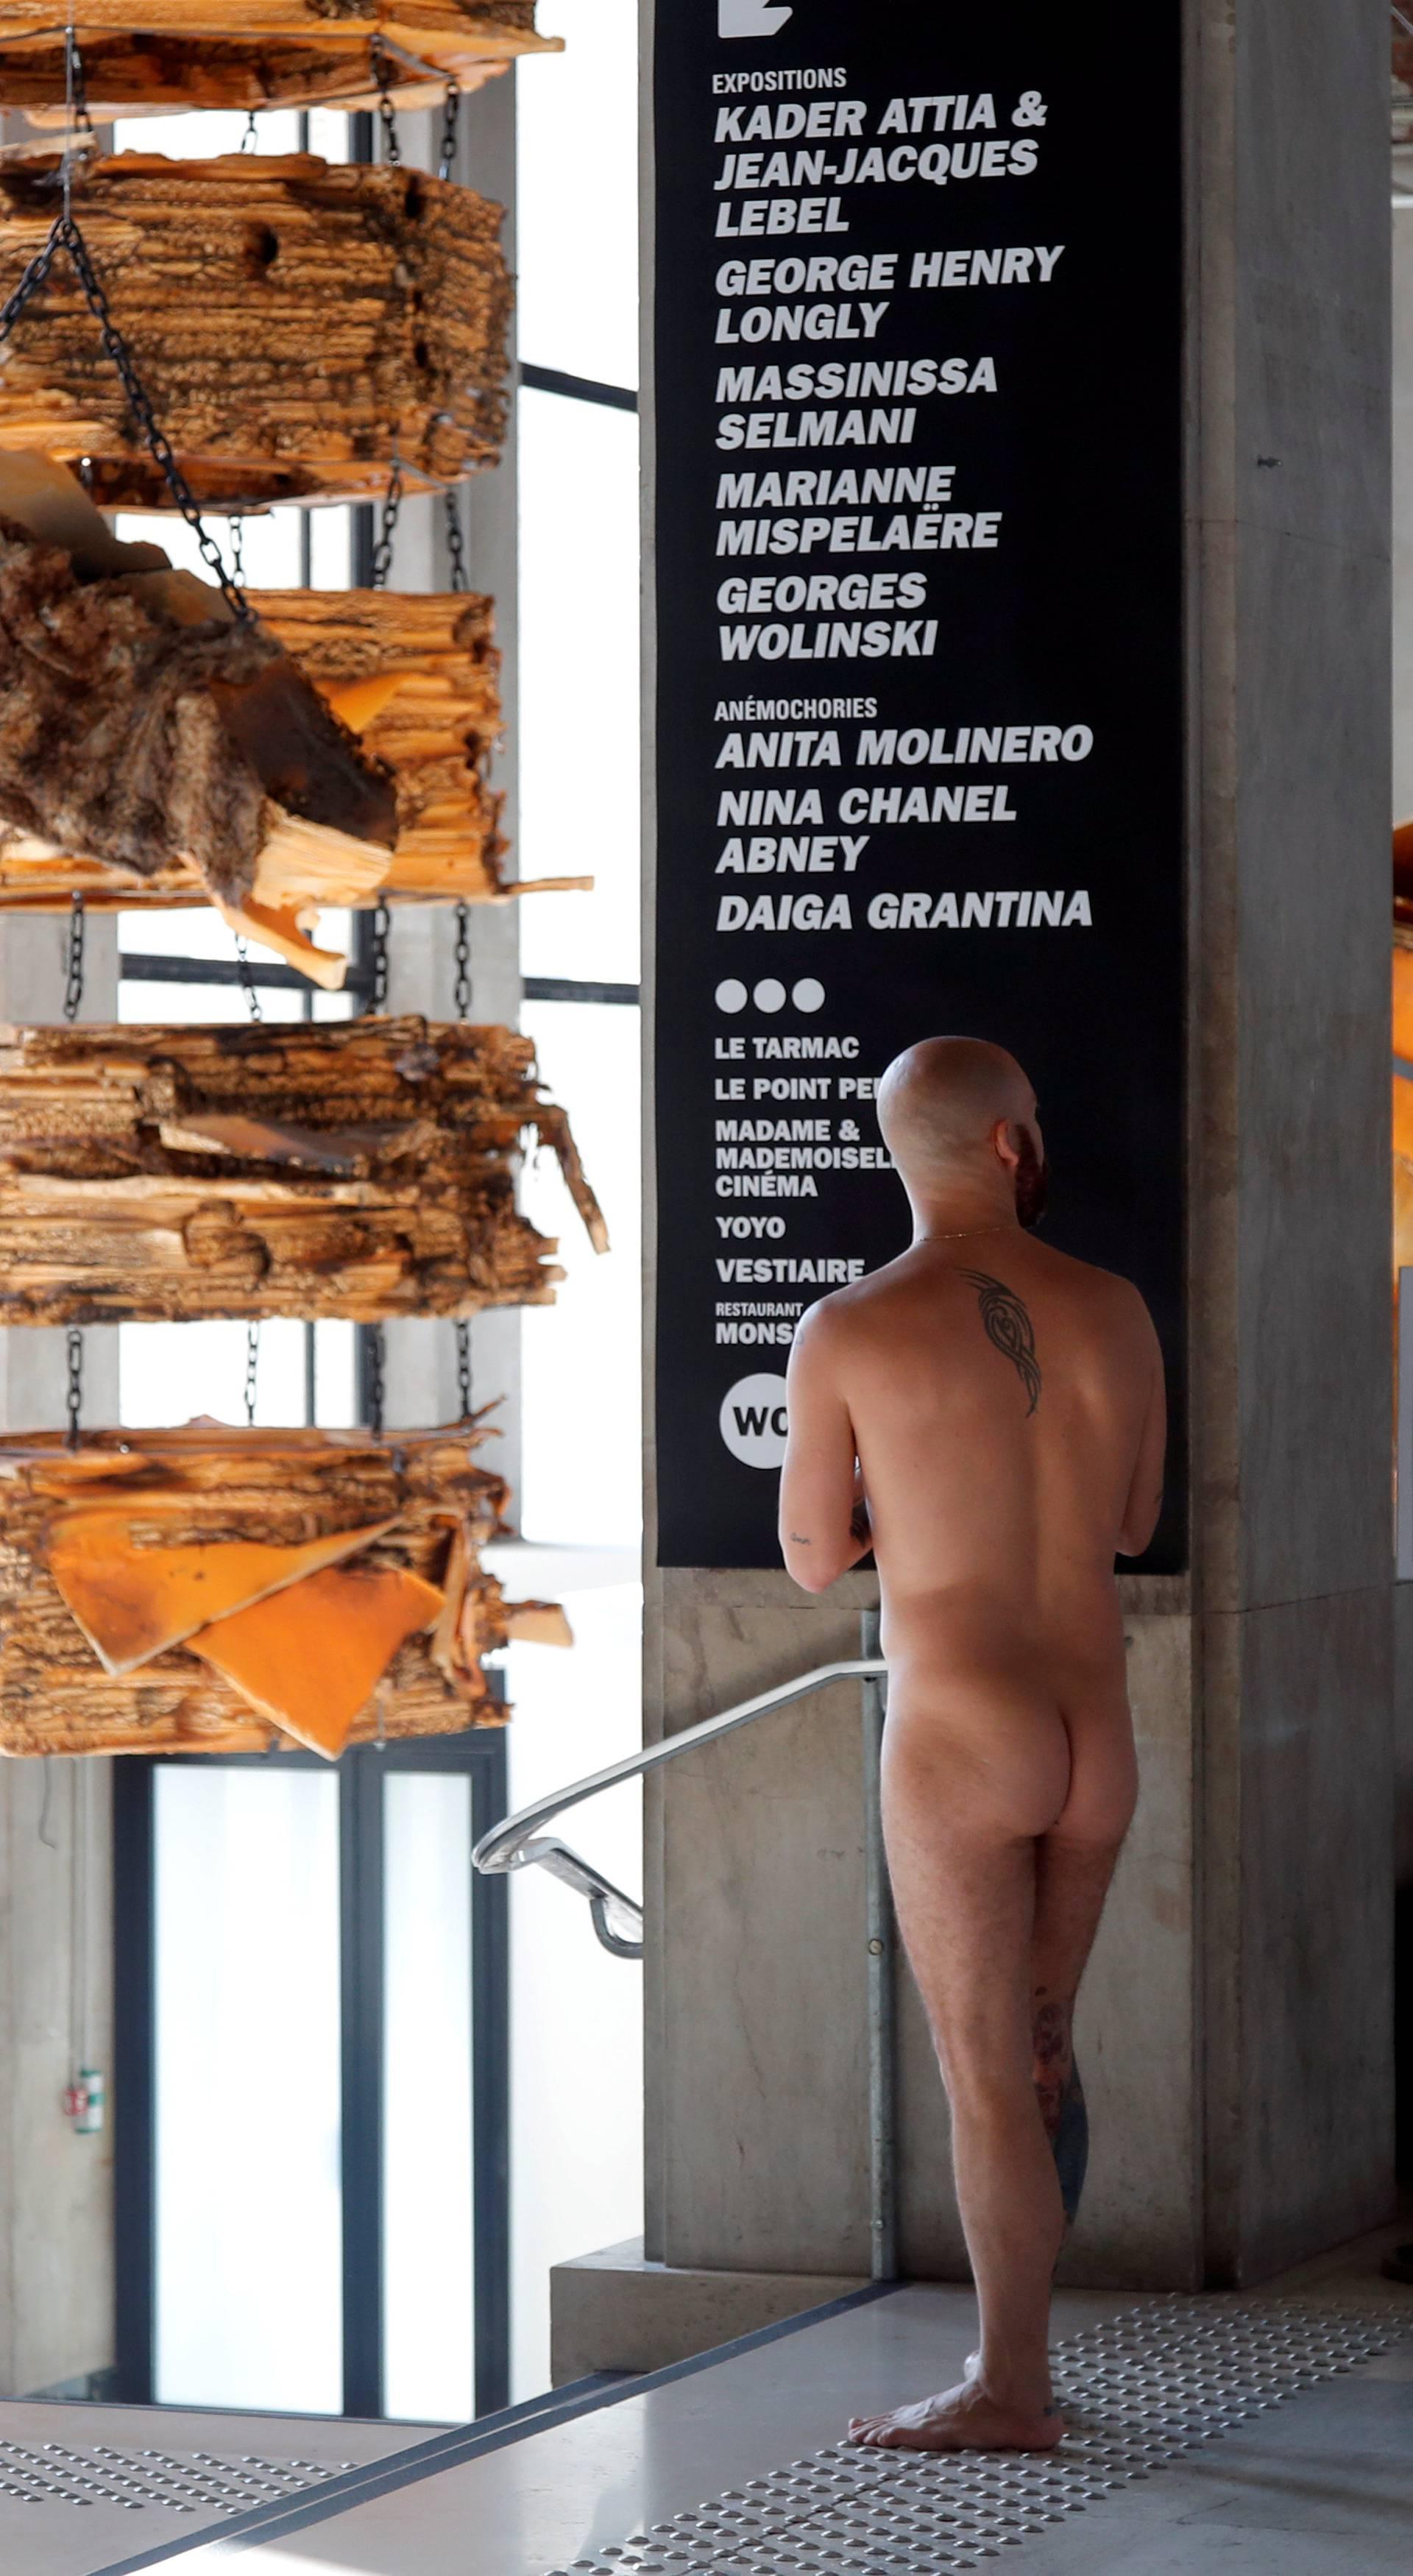 A member of the ANC (Association des Naturistes de Paris) arrives at a news conference before a nude visit of the Palais de Tokyo contemporary art centre in Paris